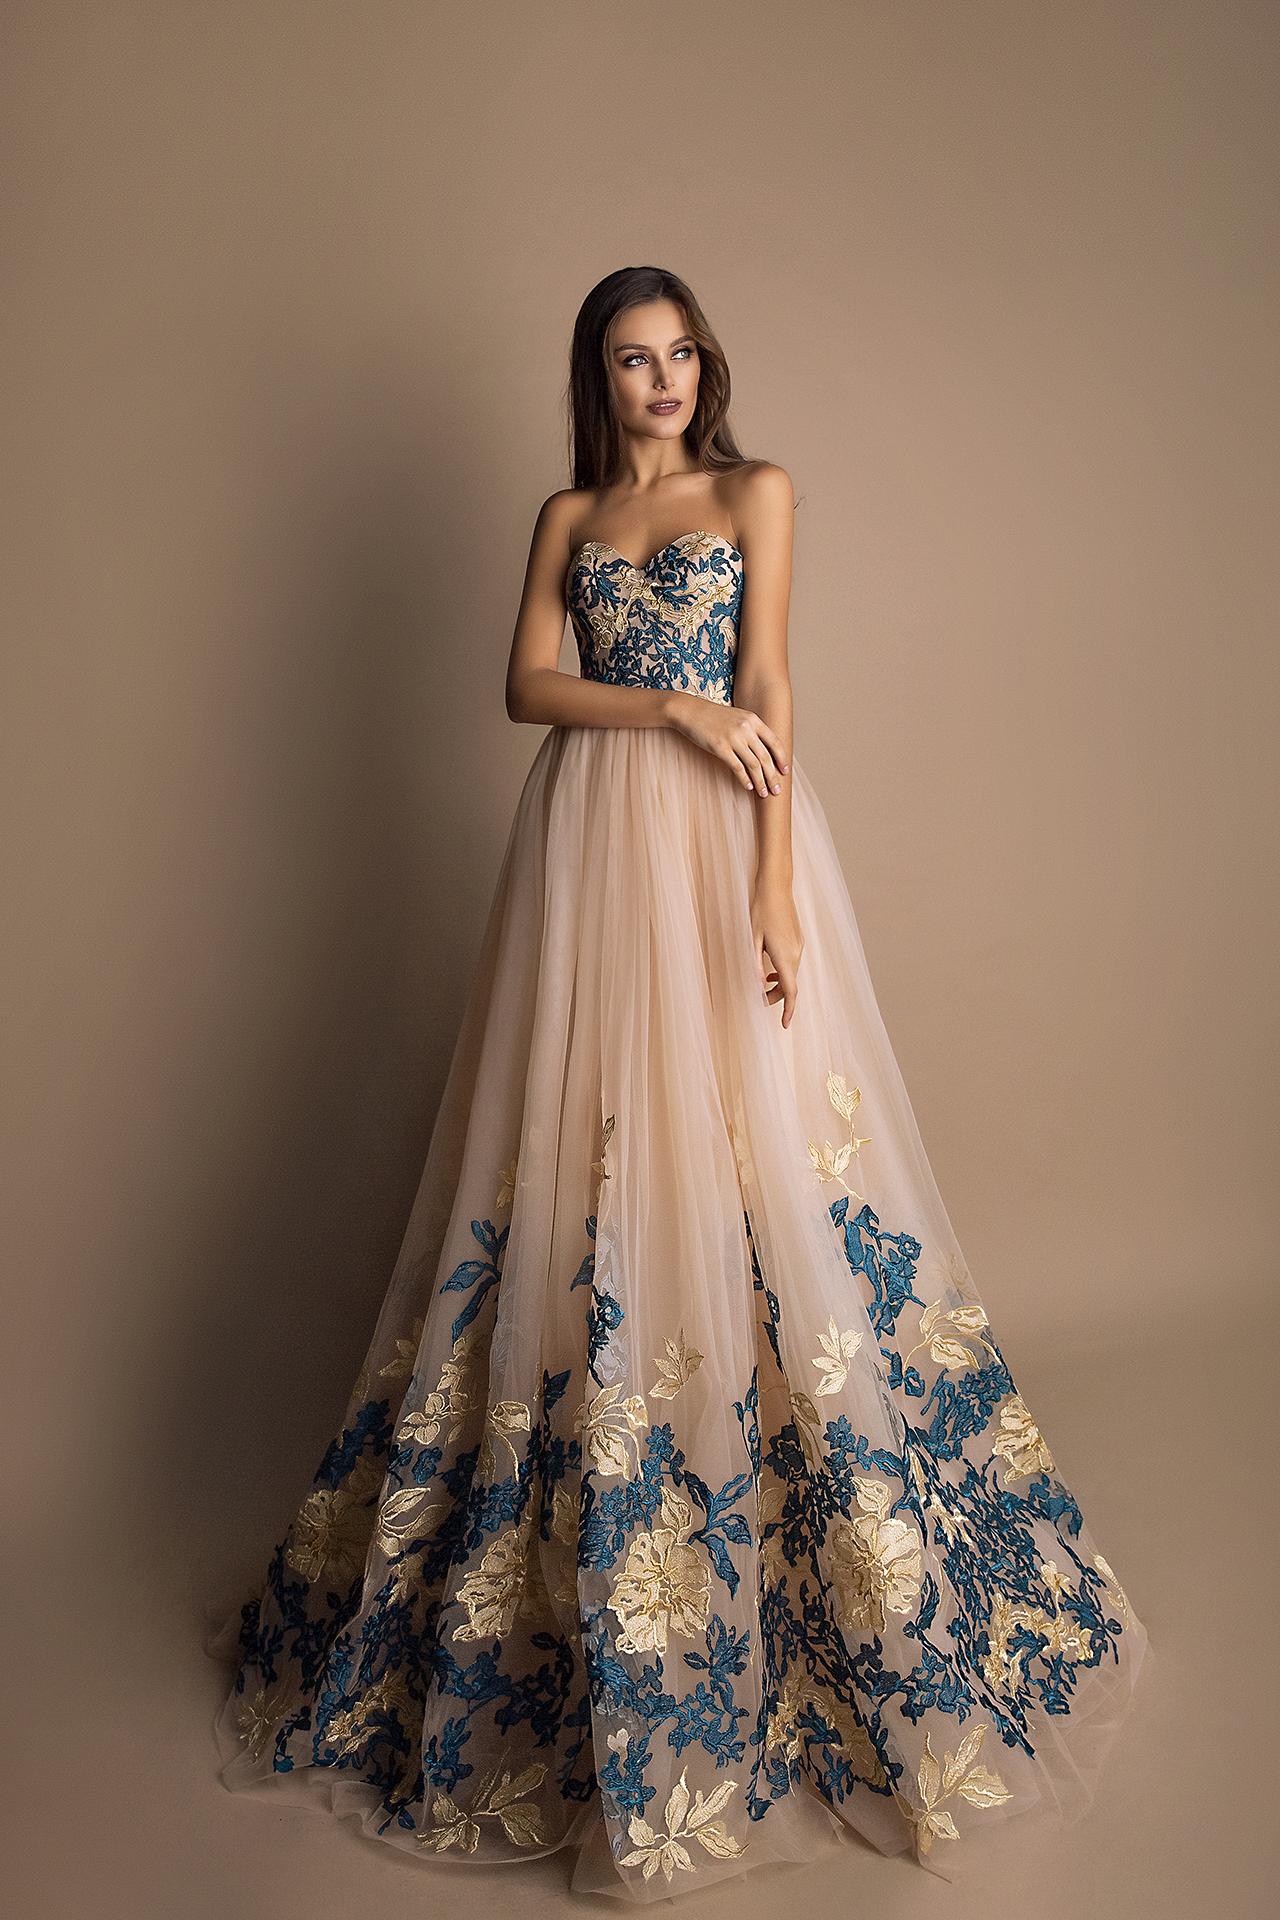 Abendkleider 1592 Silhouette  A-Silhouette  Farbe   Blau  Cremeweiß   Ausschnitt  Herz  Ärmel  ärmellos  Schweif  Ohne Schleppe